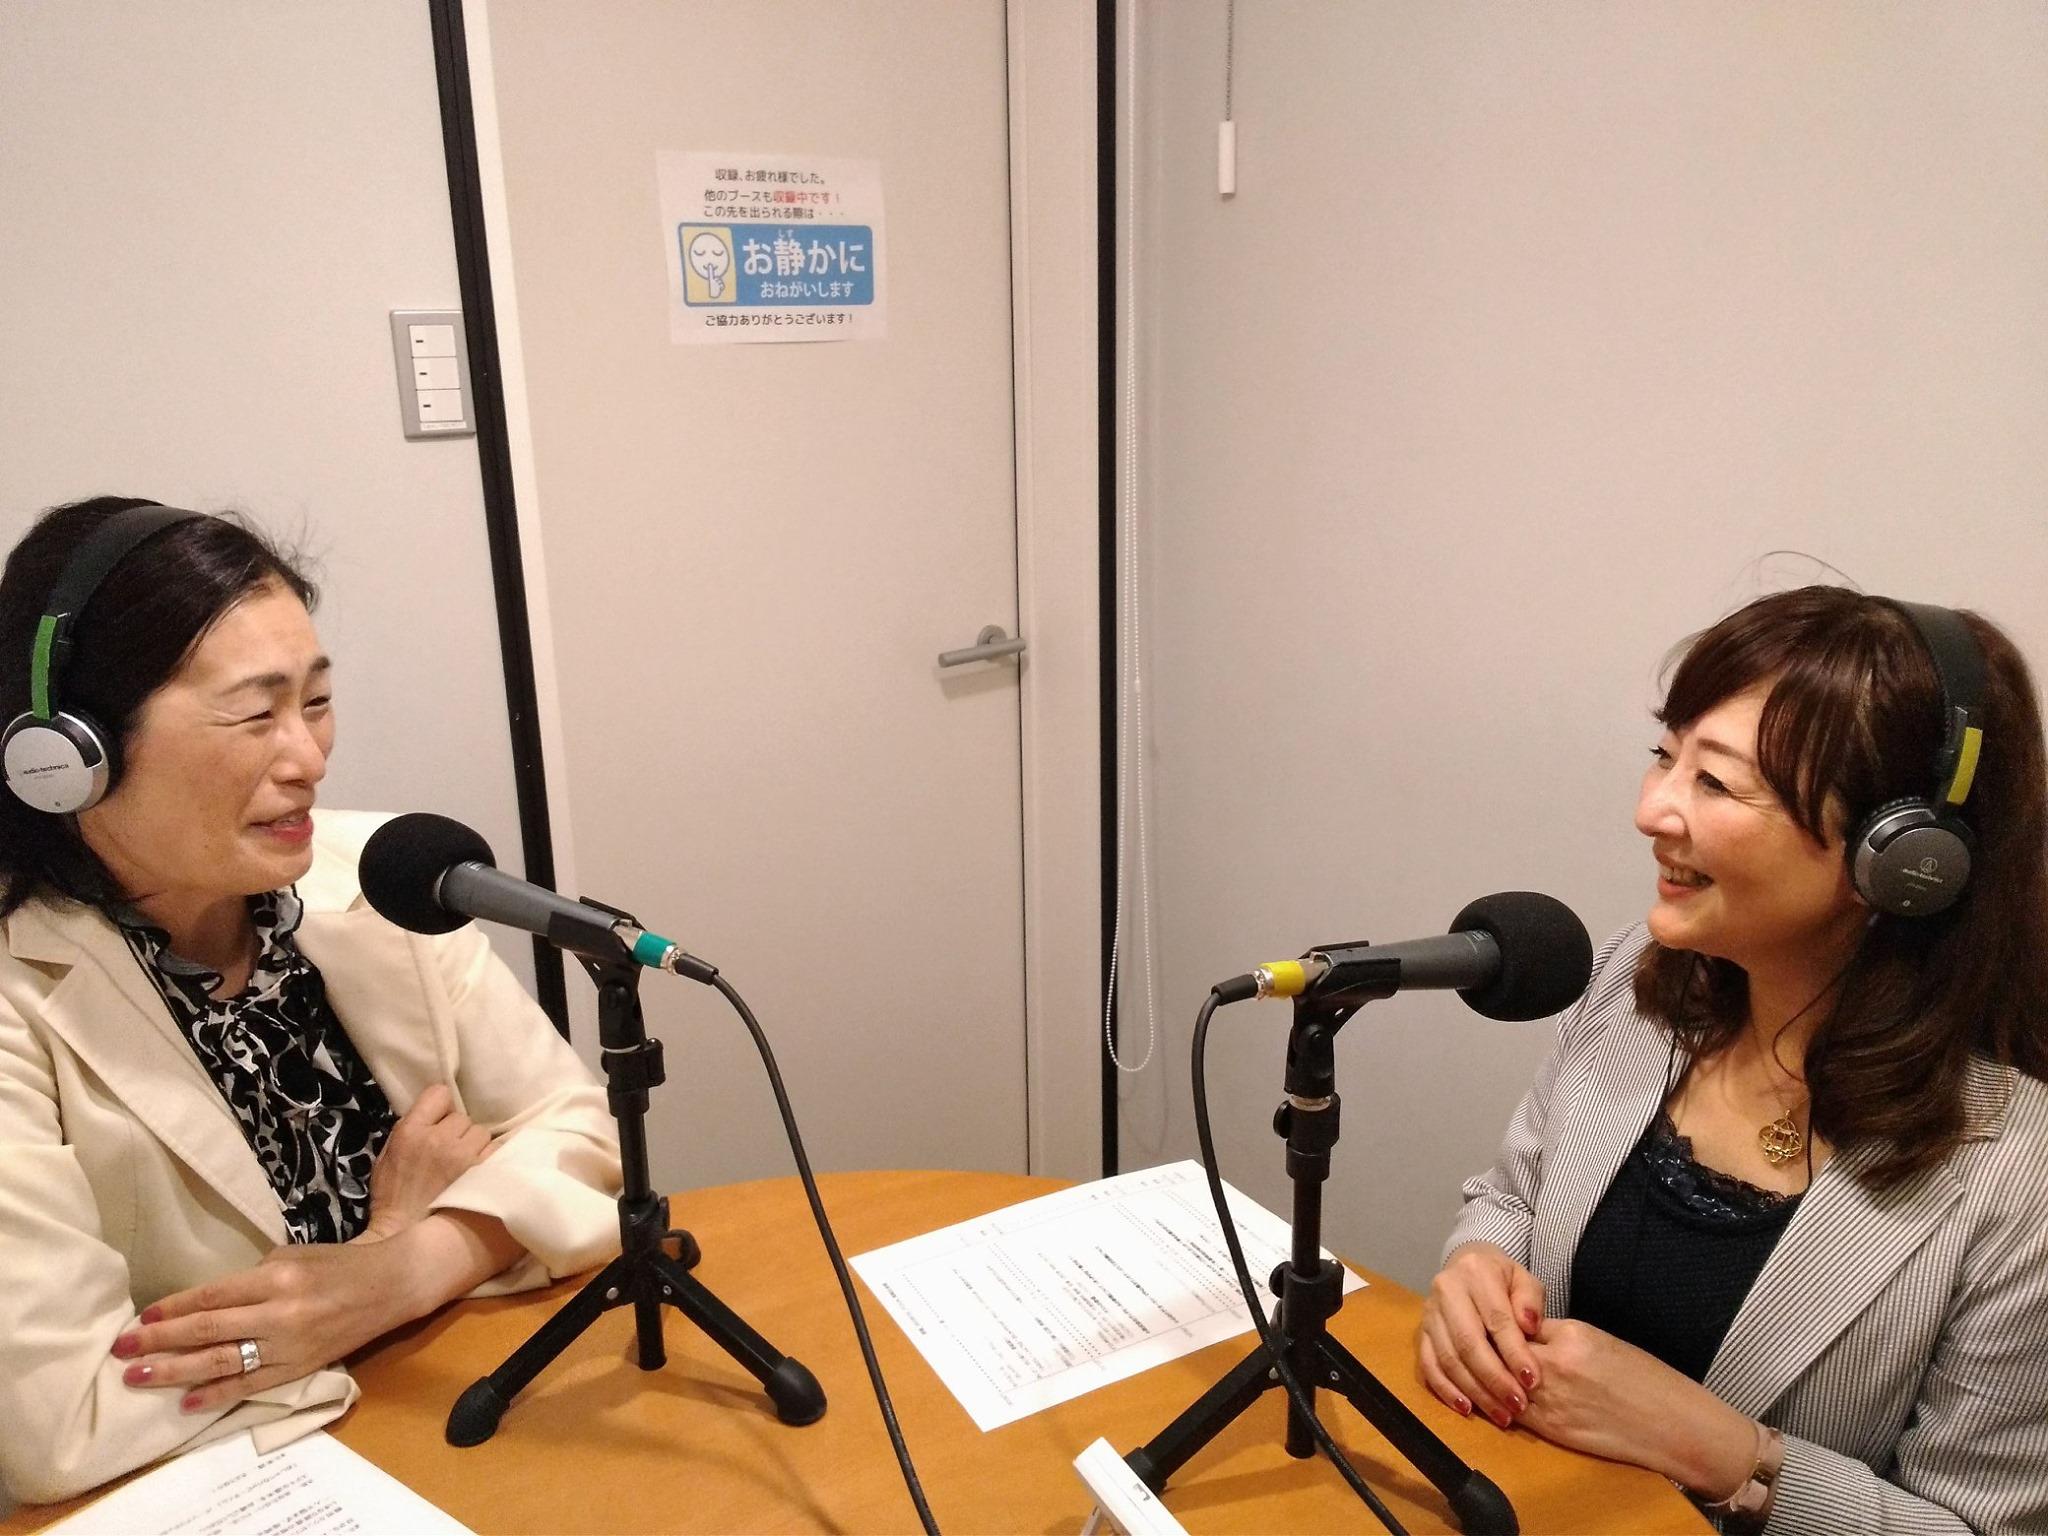 インターネットラジオ局「ゆめのたね放送局」でお話させて頂きました。